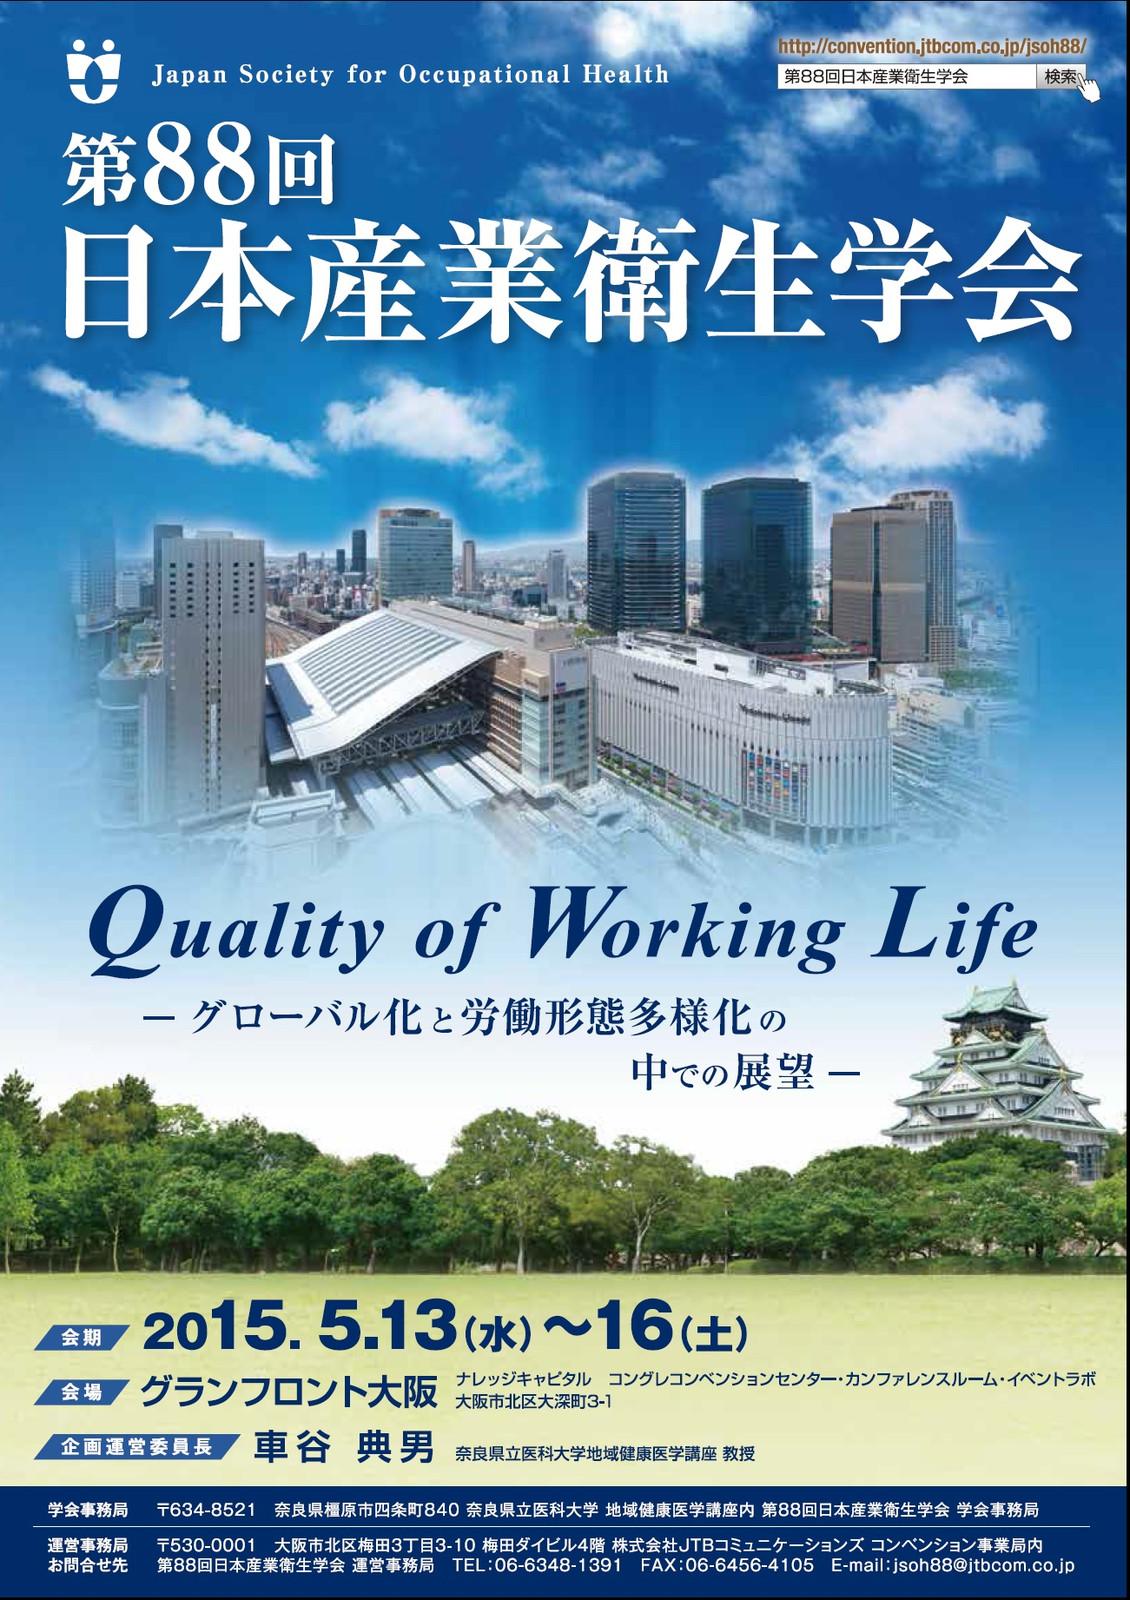 第88回日本産業衛生学会: hamach...